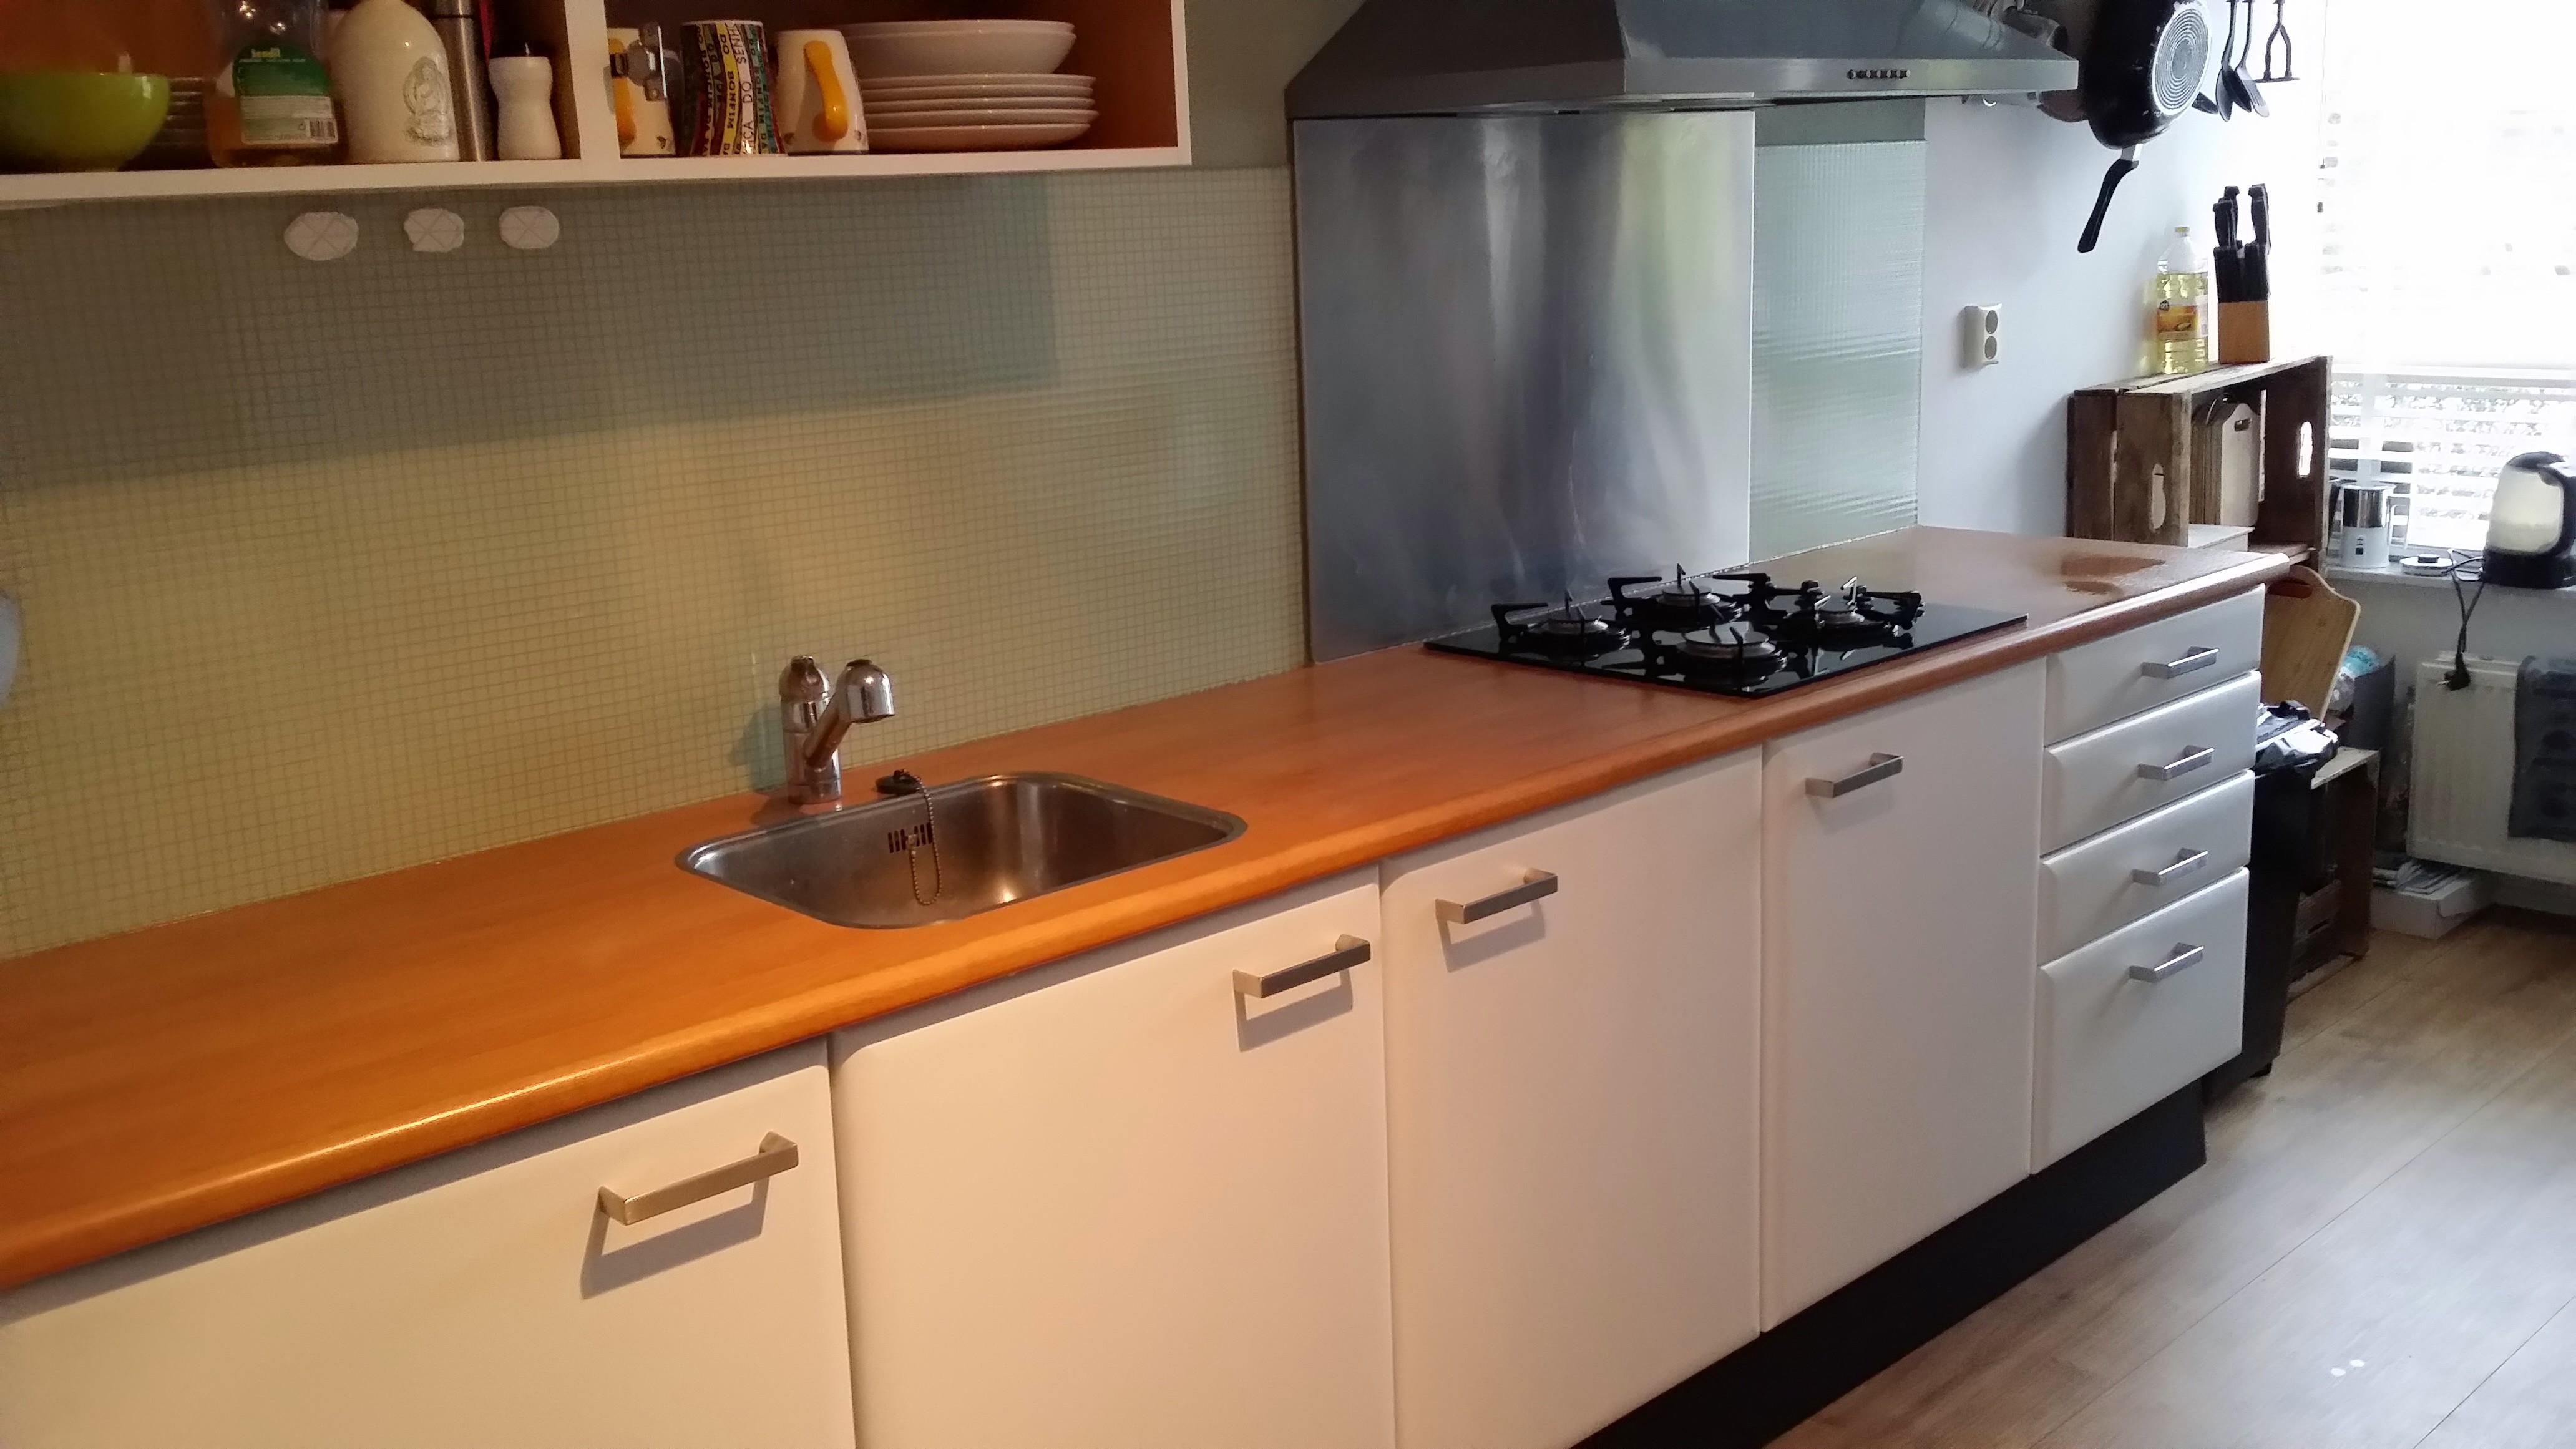 Keuken plint rvs plinten juvama huis ontwerp ideeen